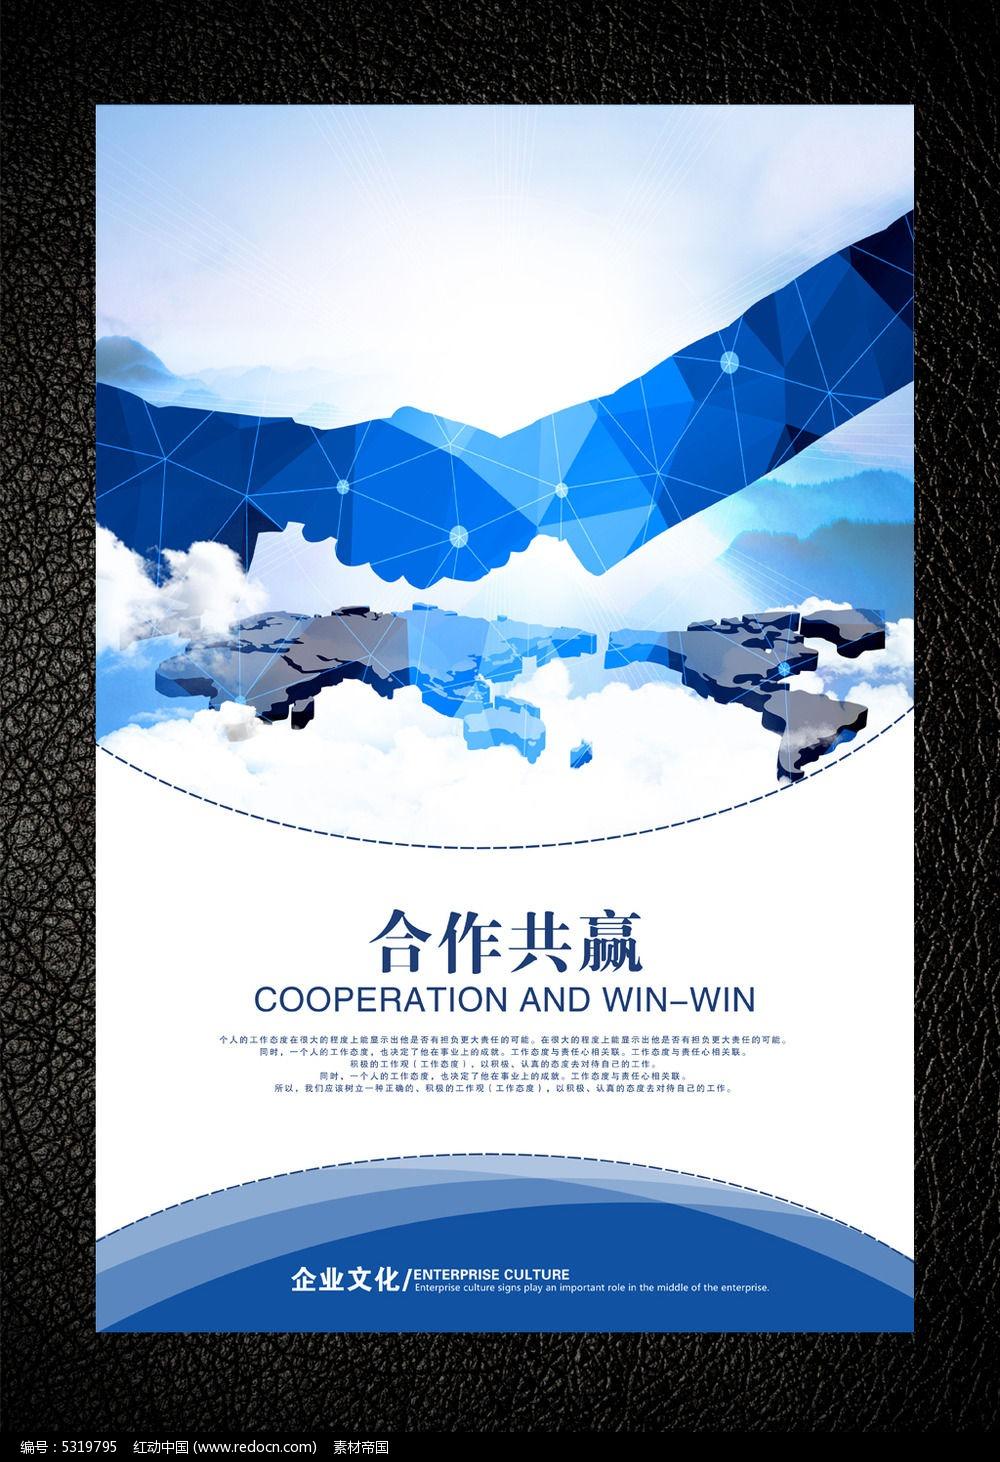 企业文化之合作共赢